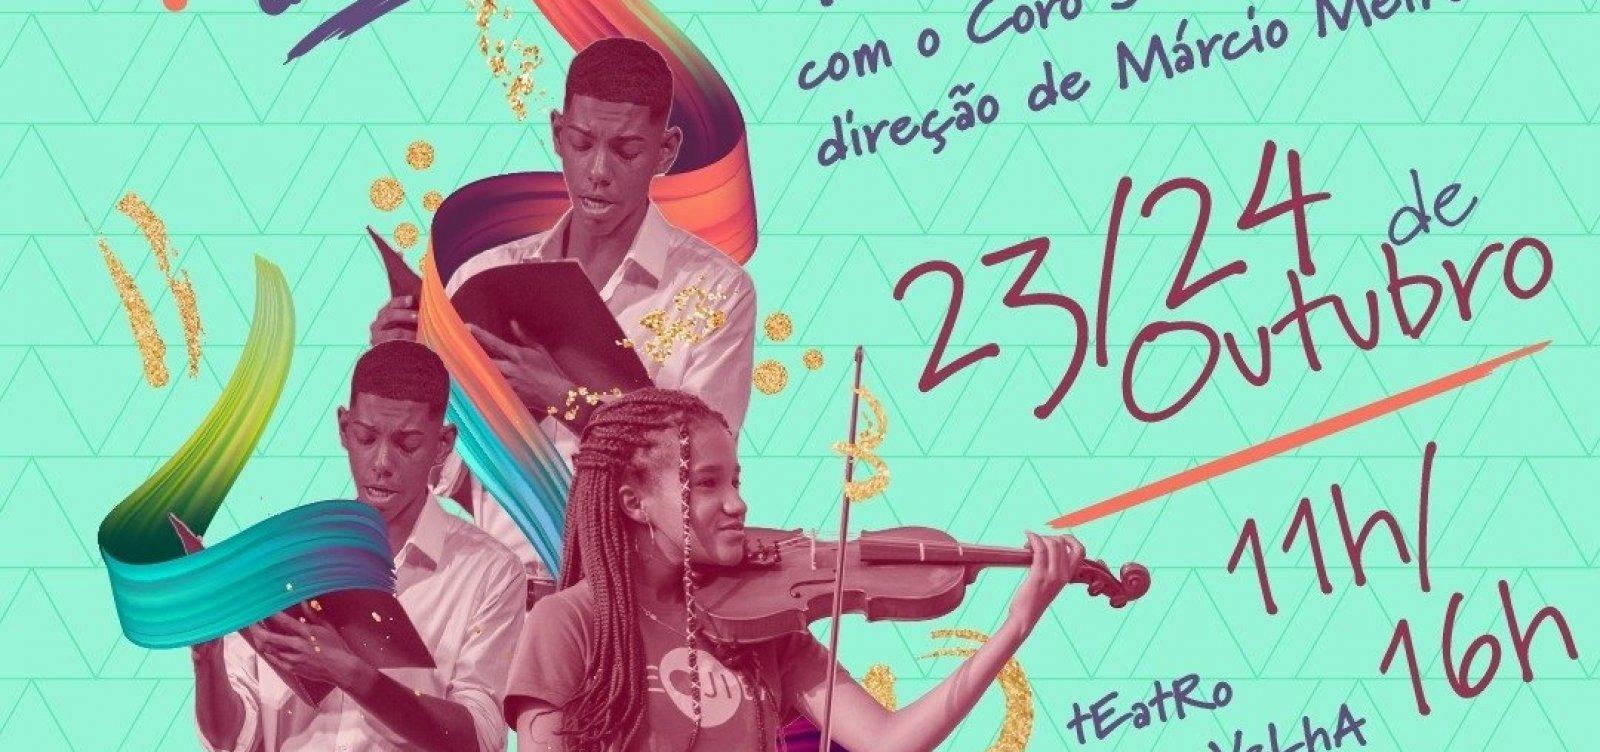 Em comemoração ao aniversário de 14 anos, Neojiba estreia ópera gratuita